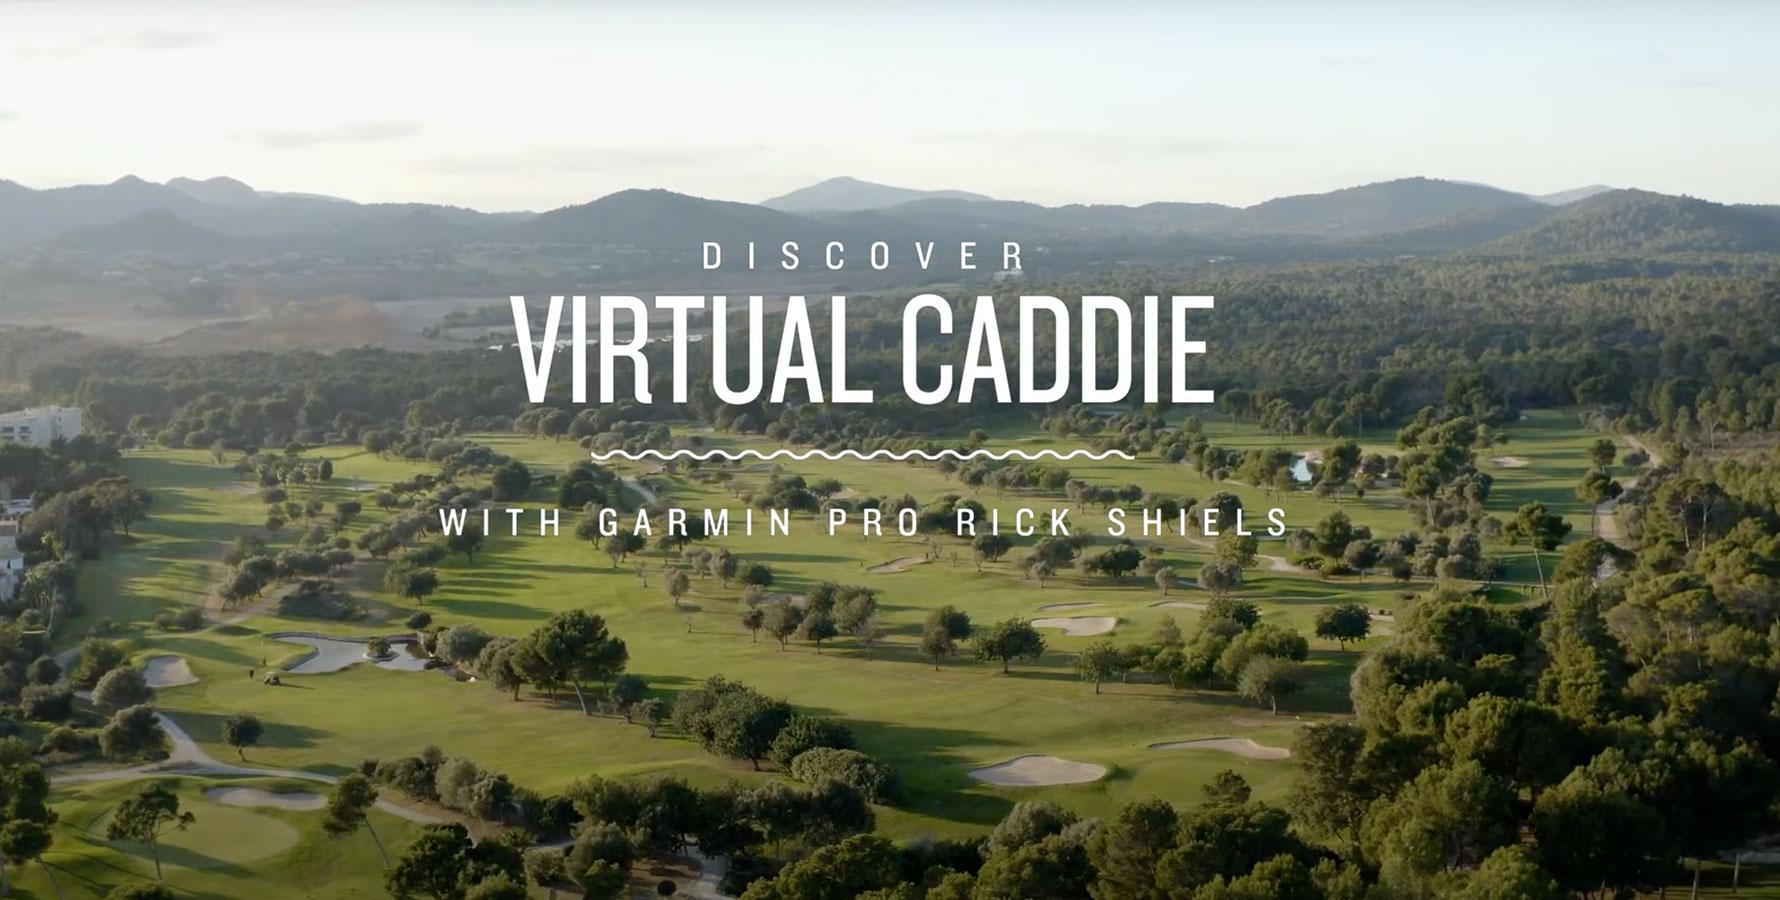 Virtual Caddie